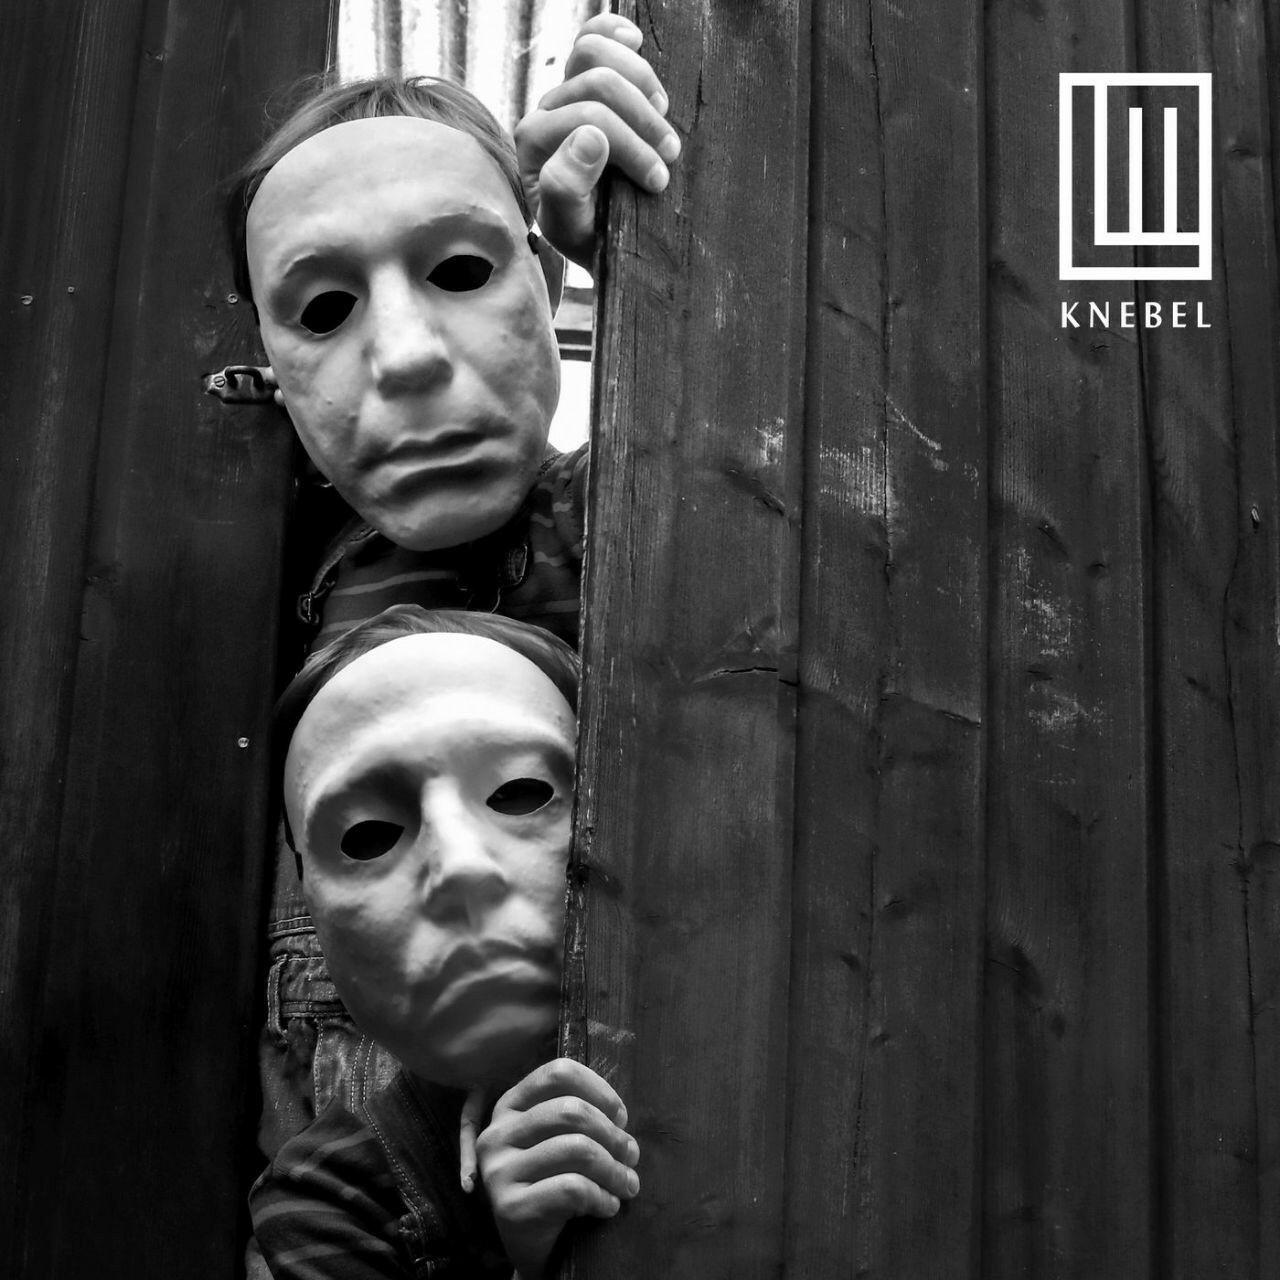 Lindemann - Knebel [single] (2019)